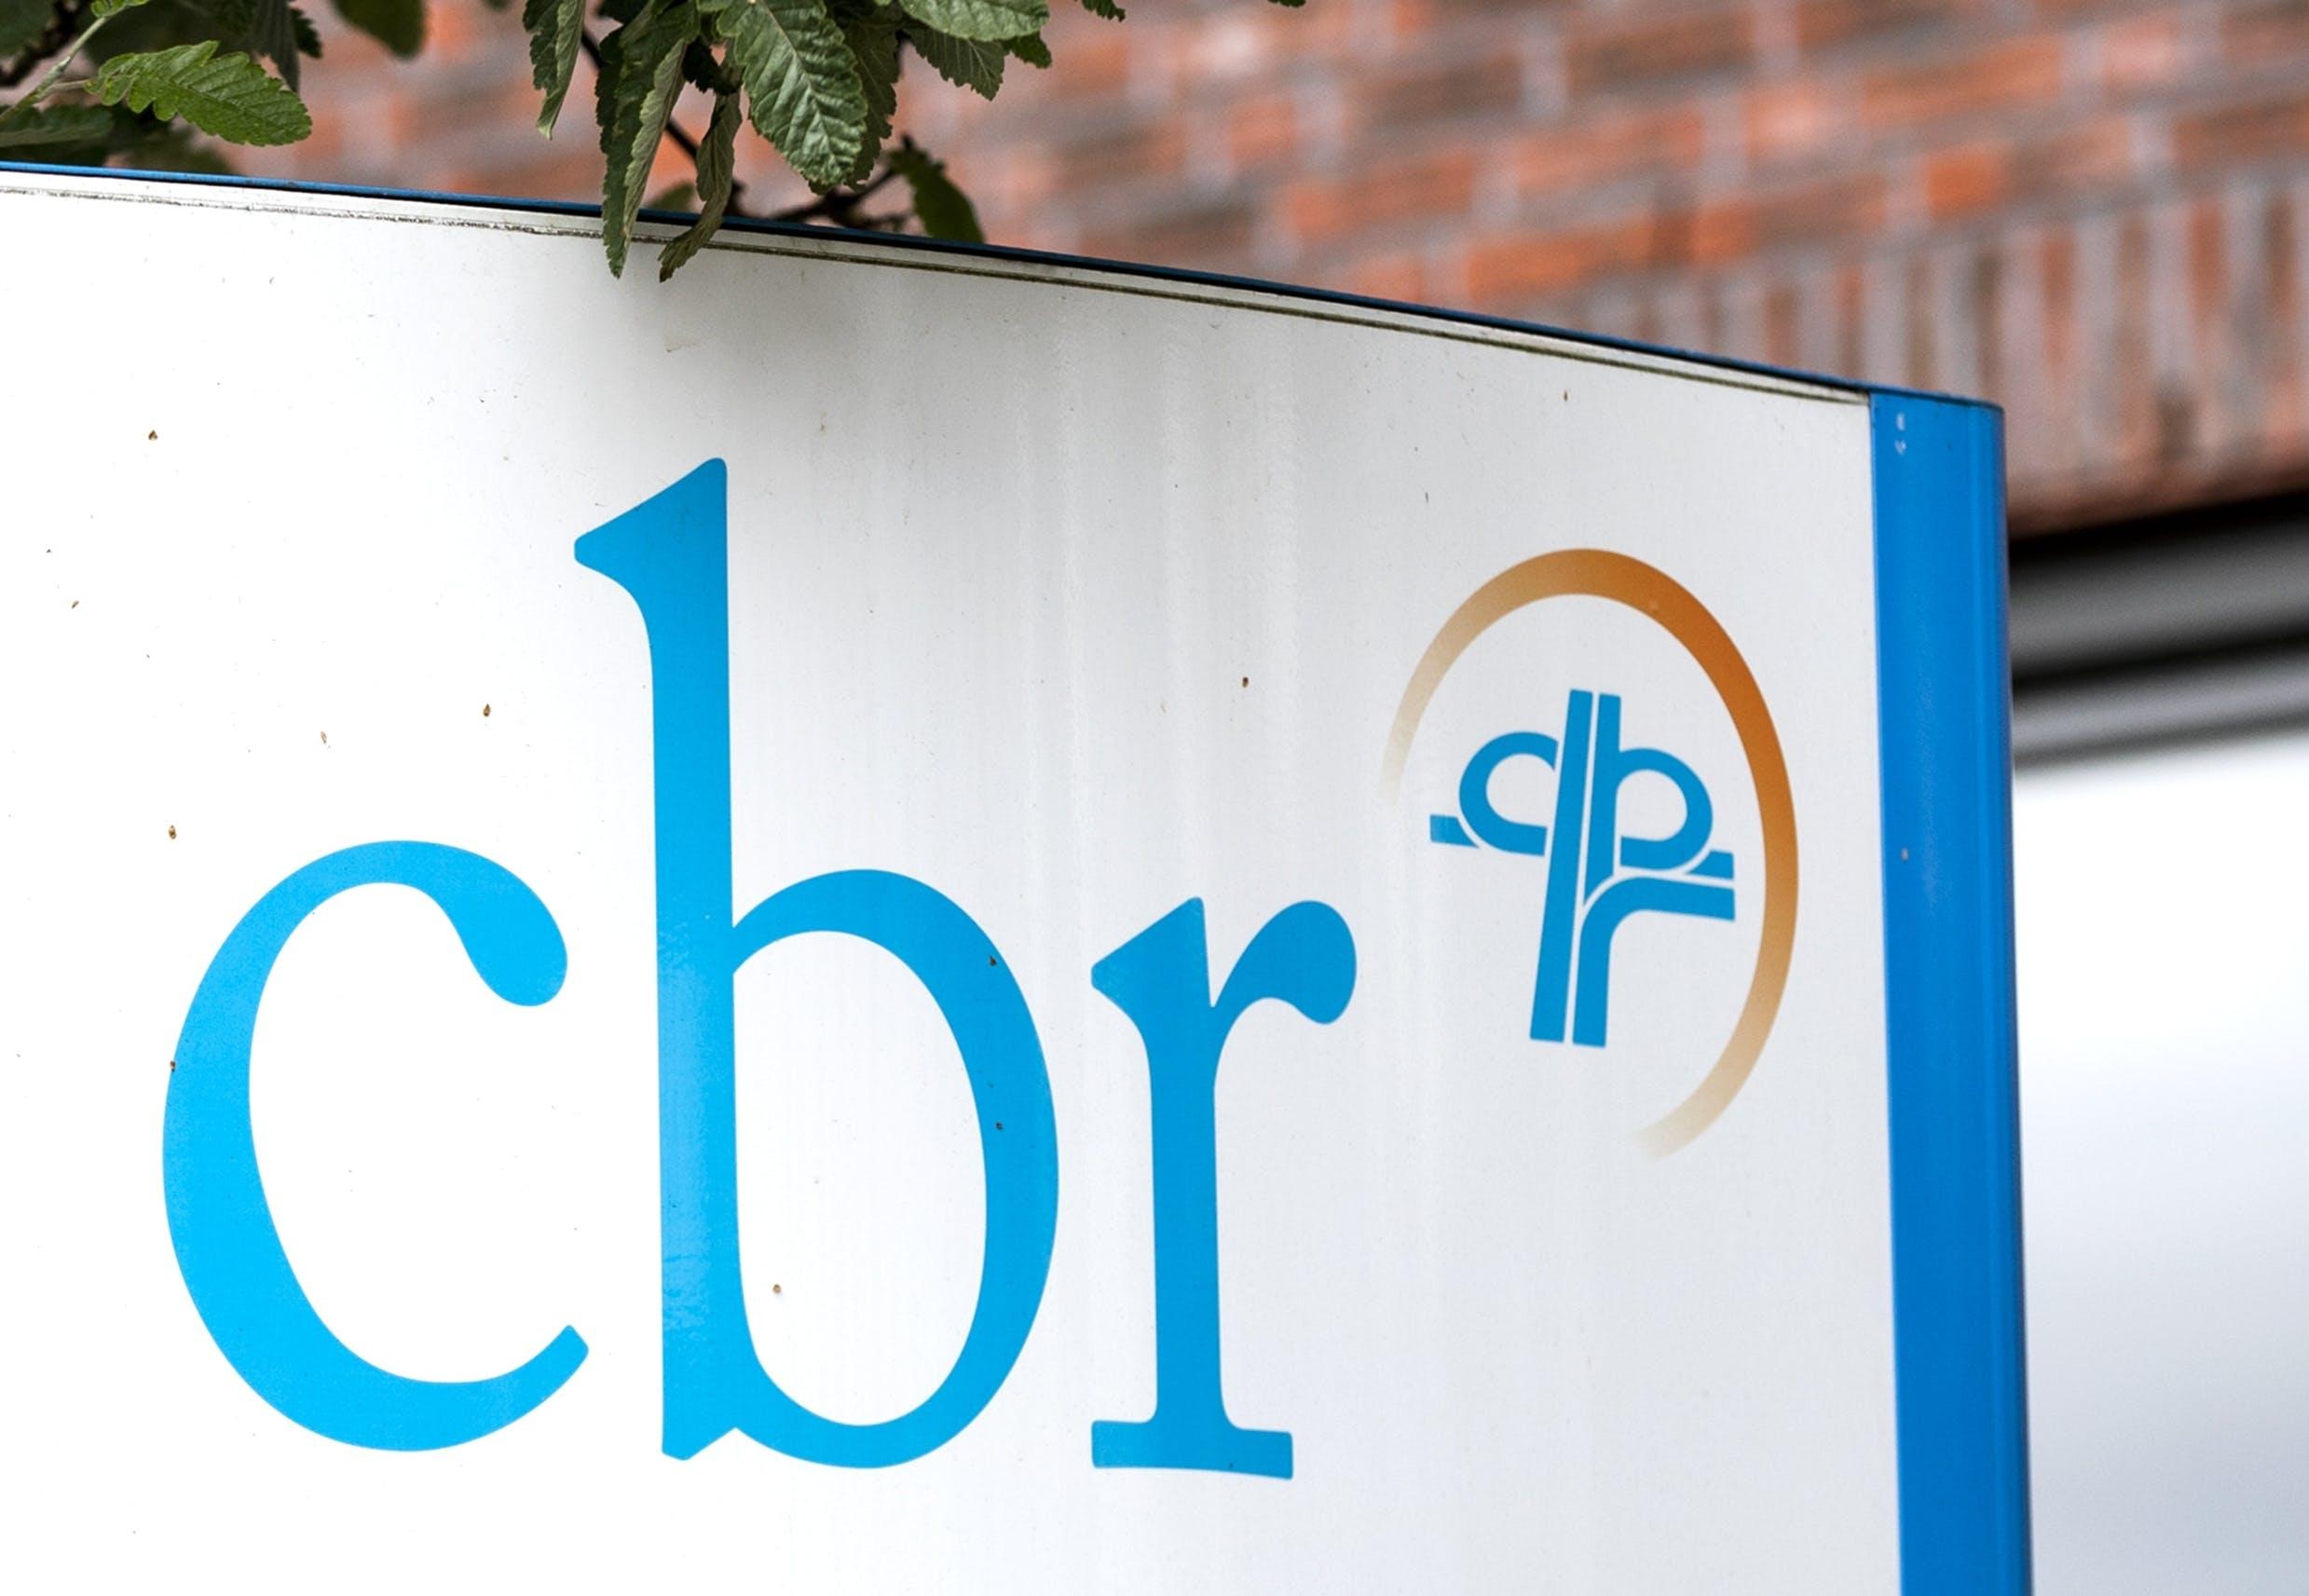 CBR hervat examens motoren en brommers - BNR Nieuws